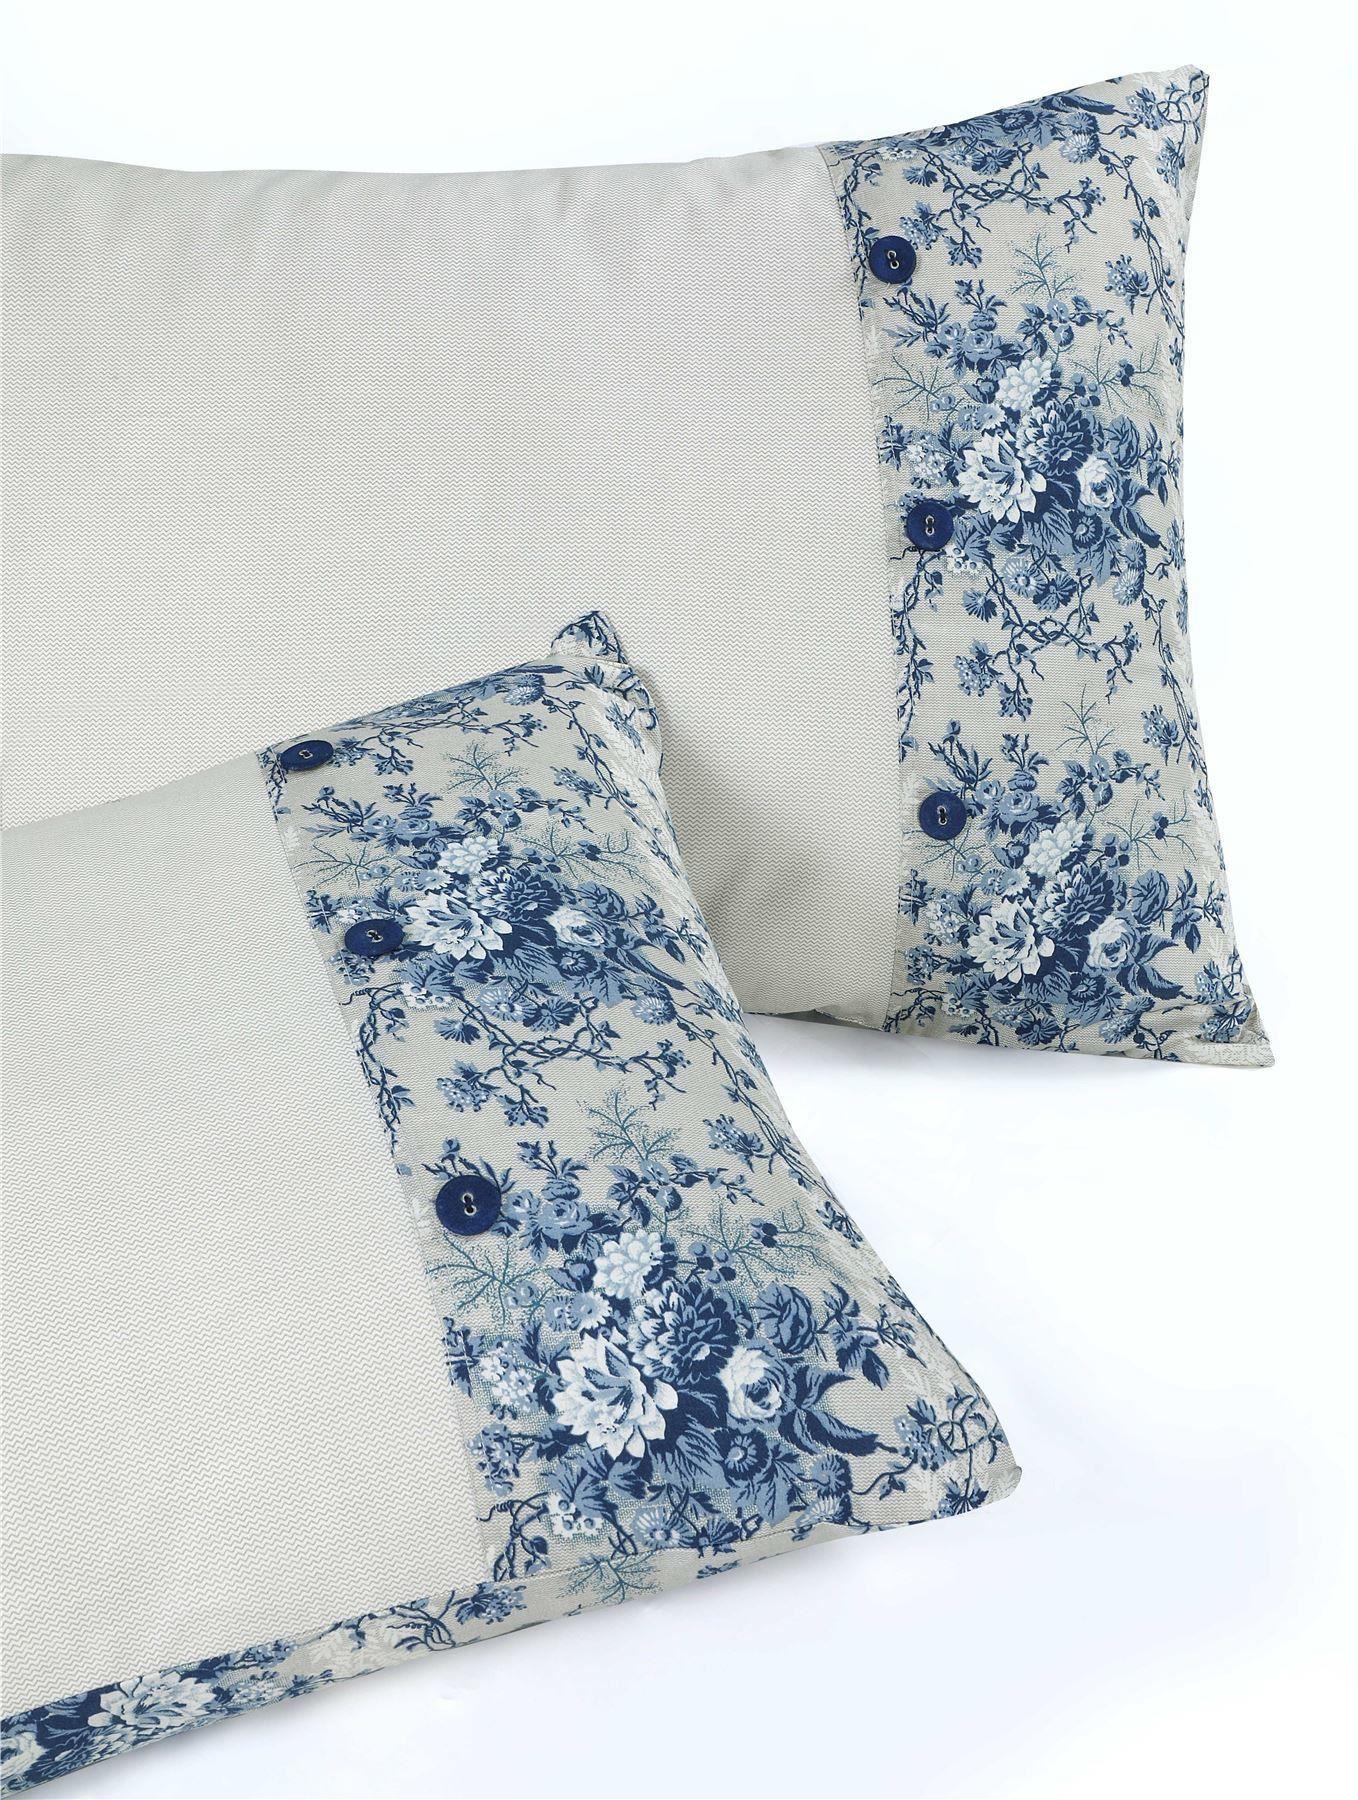 100-Algodon-Cuidado-facil-cubierta-del-edredon-edredon-multicolor-nuevo-conjunto-de-ropa-de-cama miniatura 10